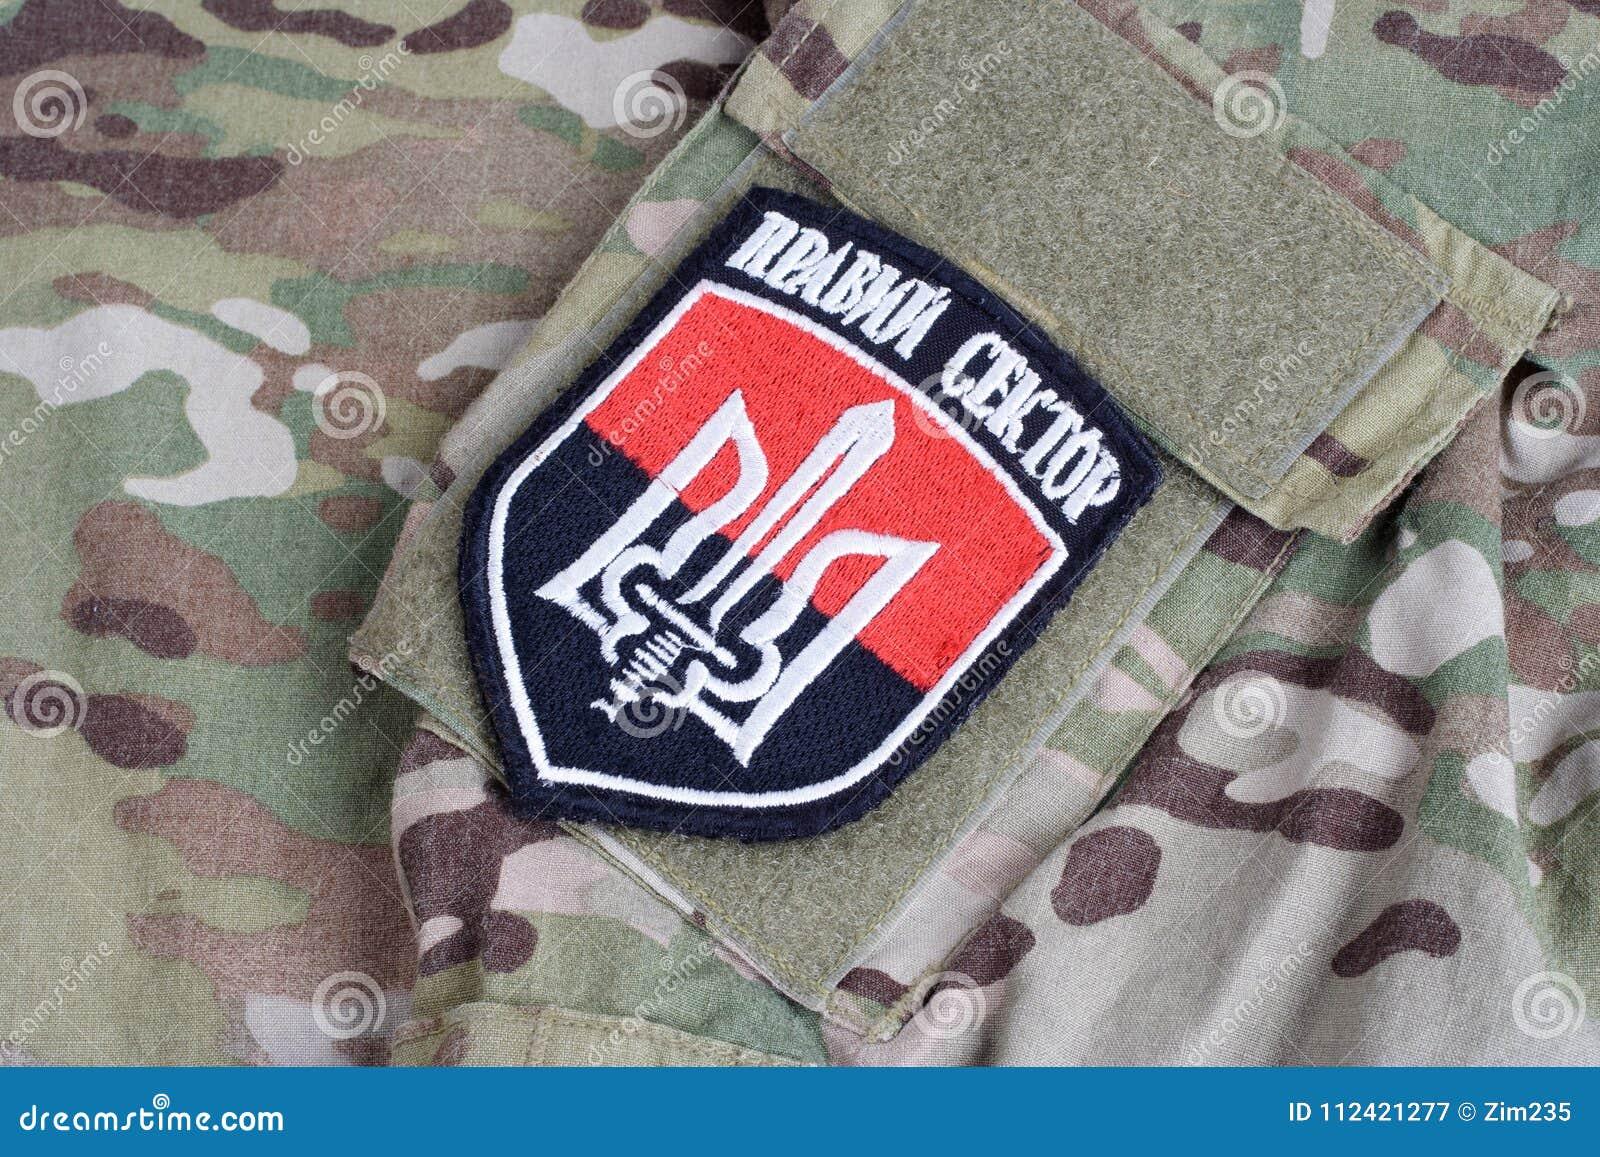 ΚΙΕΒΟ, ΟΥΚΡΑΝΙΑΣ - 08 Ιουλίου, 2015 Σιρίτι του ουκρανικού σώματος εθελοντών με τις λέξεις